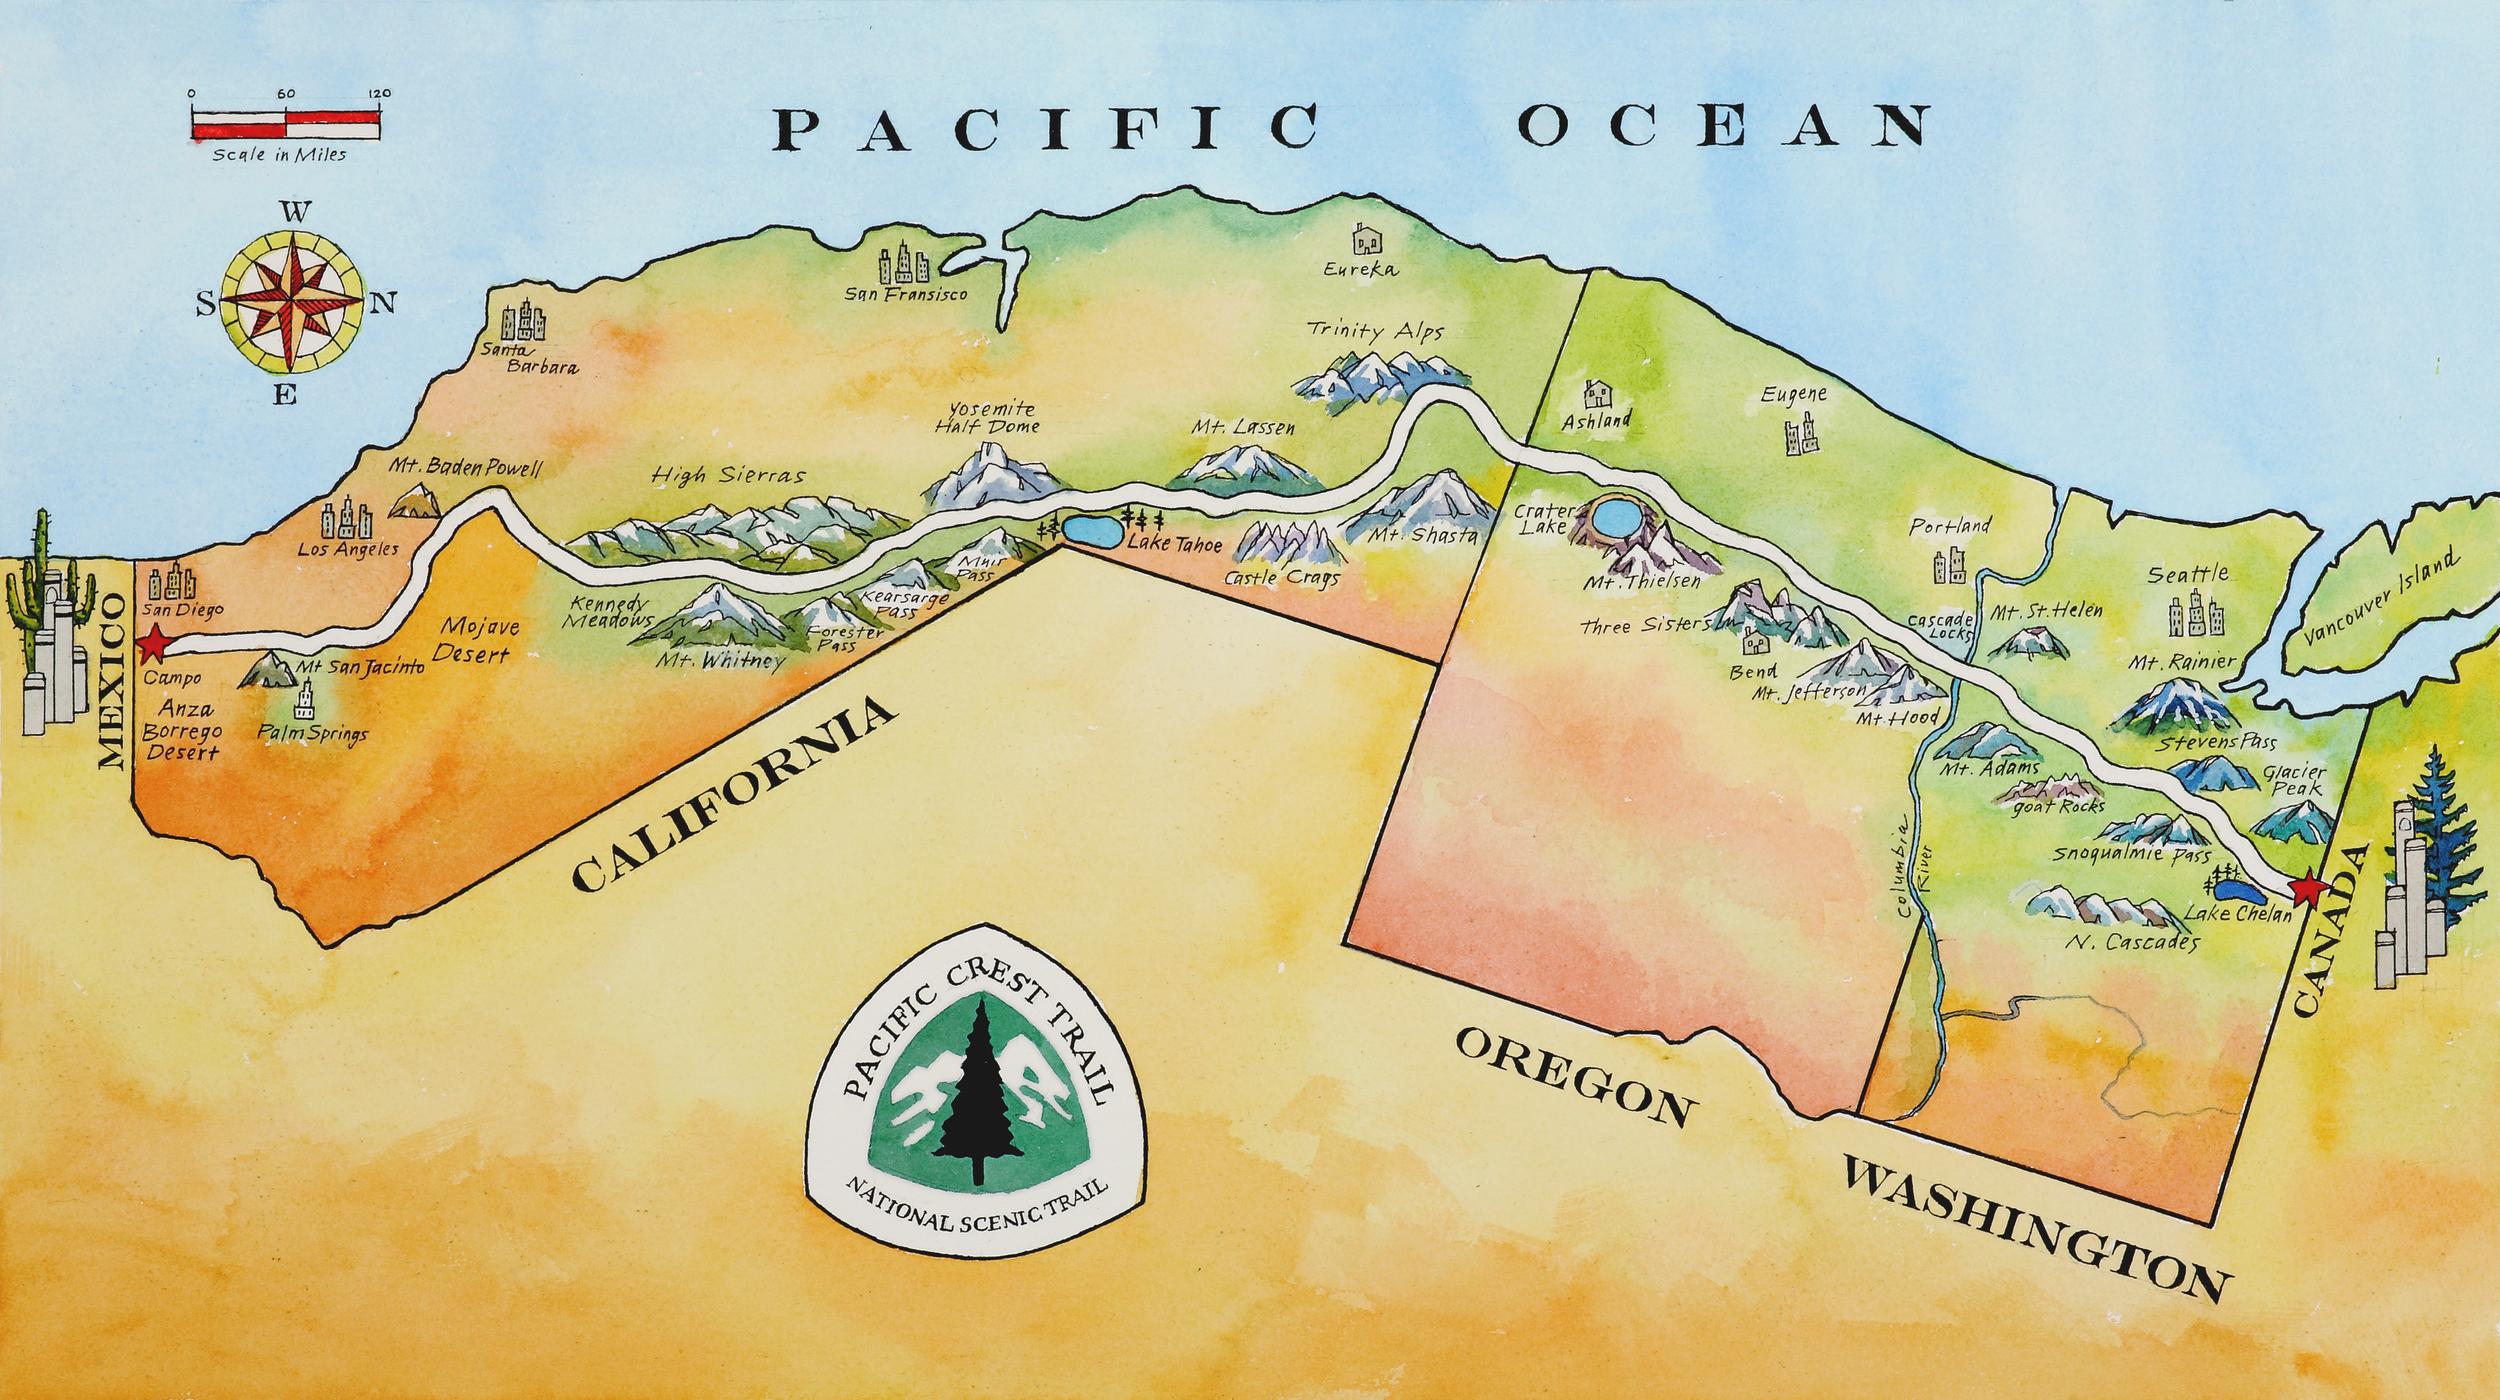 Map by Artist Susan Abbott